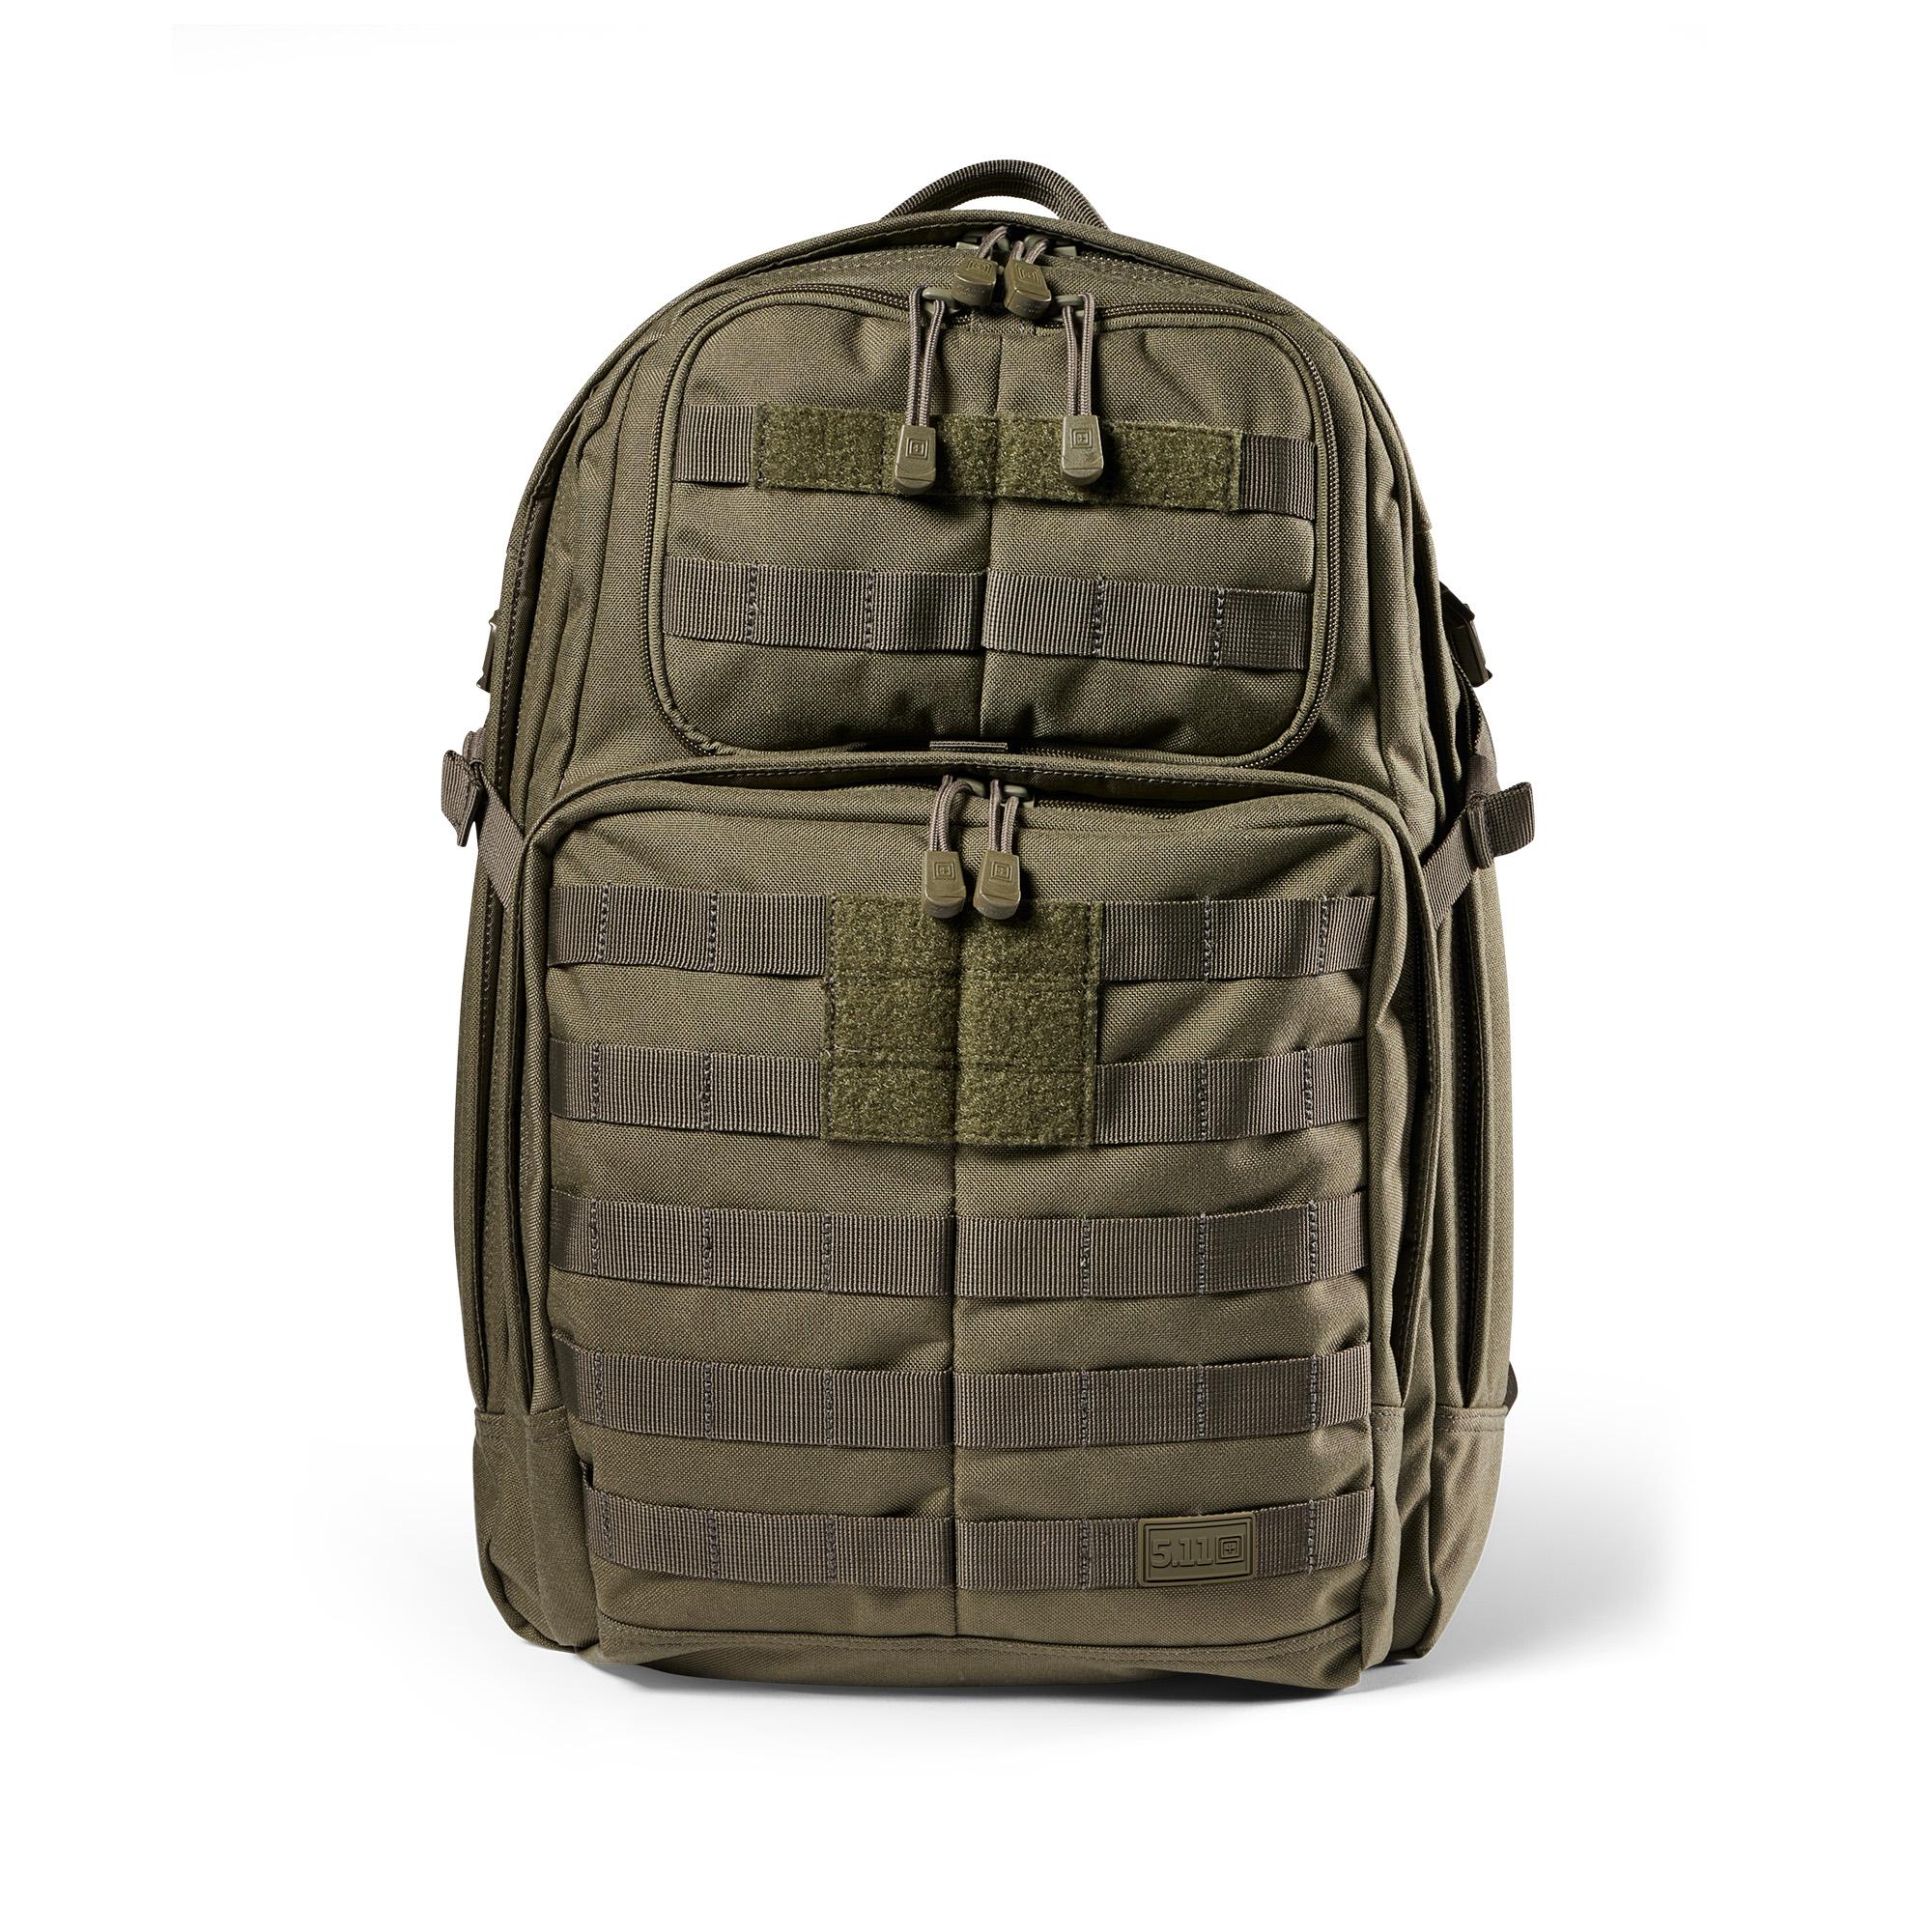 Balo 5.11 Tactical Rush 24 2.0 – Ranger Green